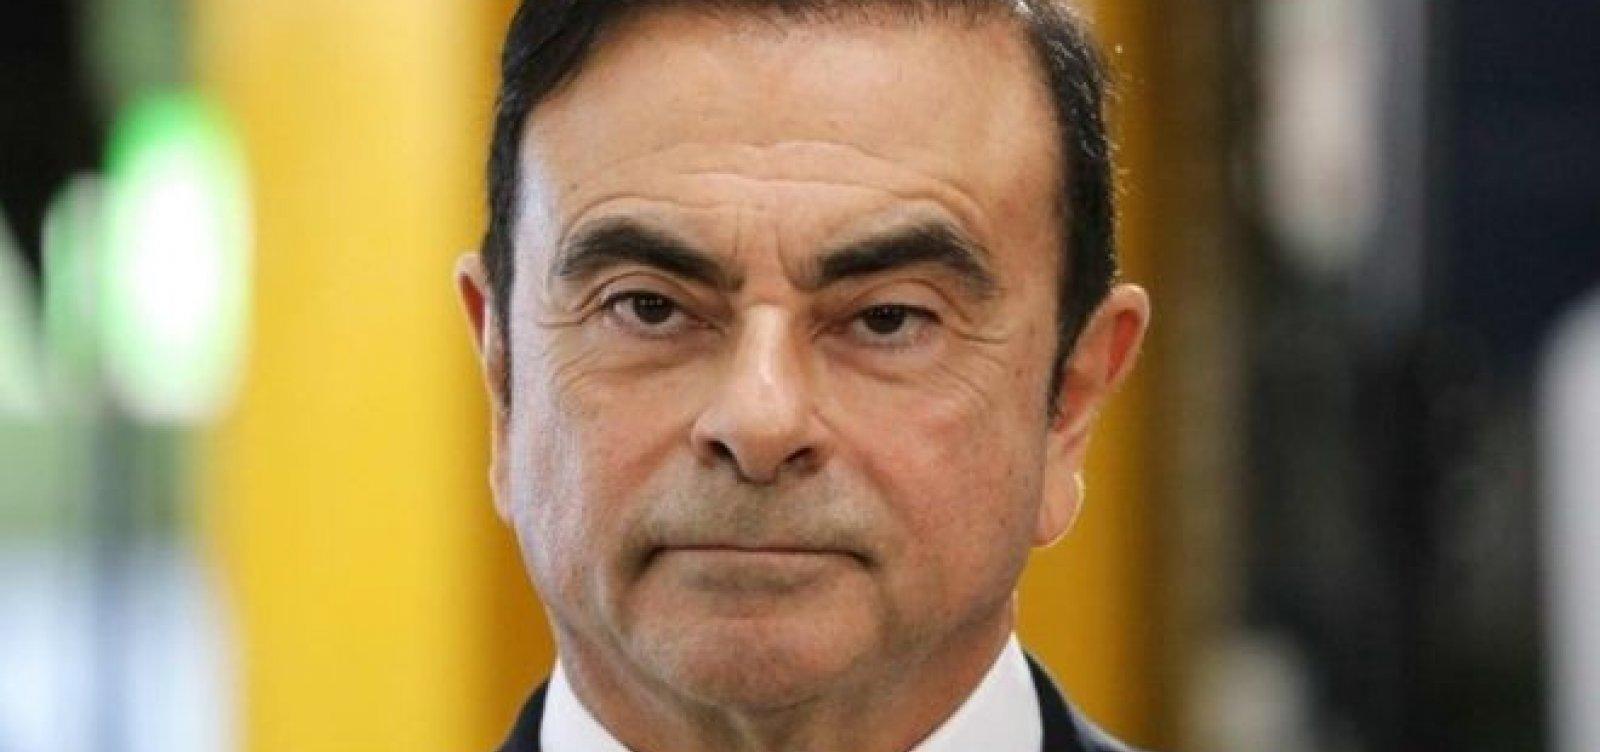 França pede ao Japão que respeite direitos legais de Carlos Ghosn